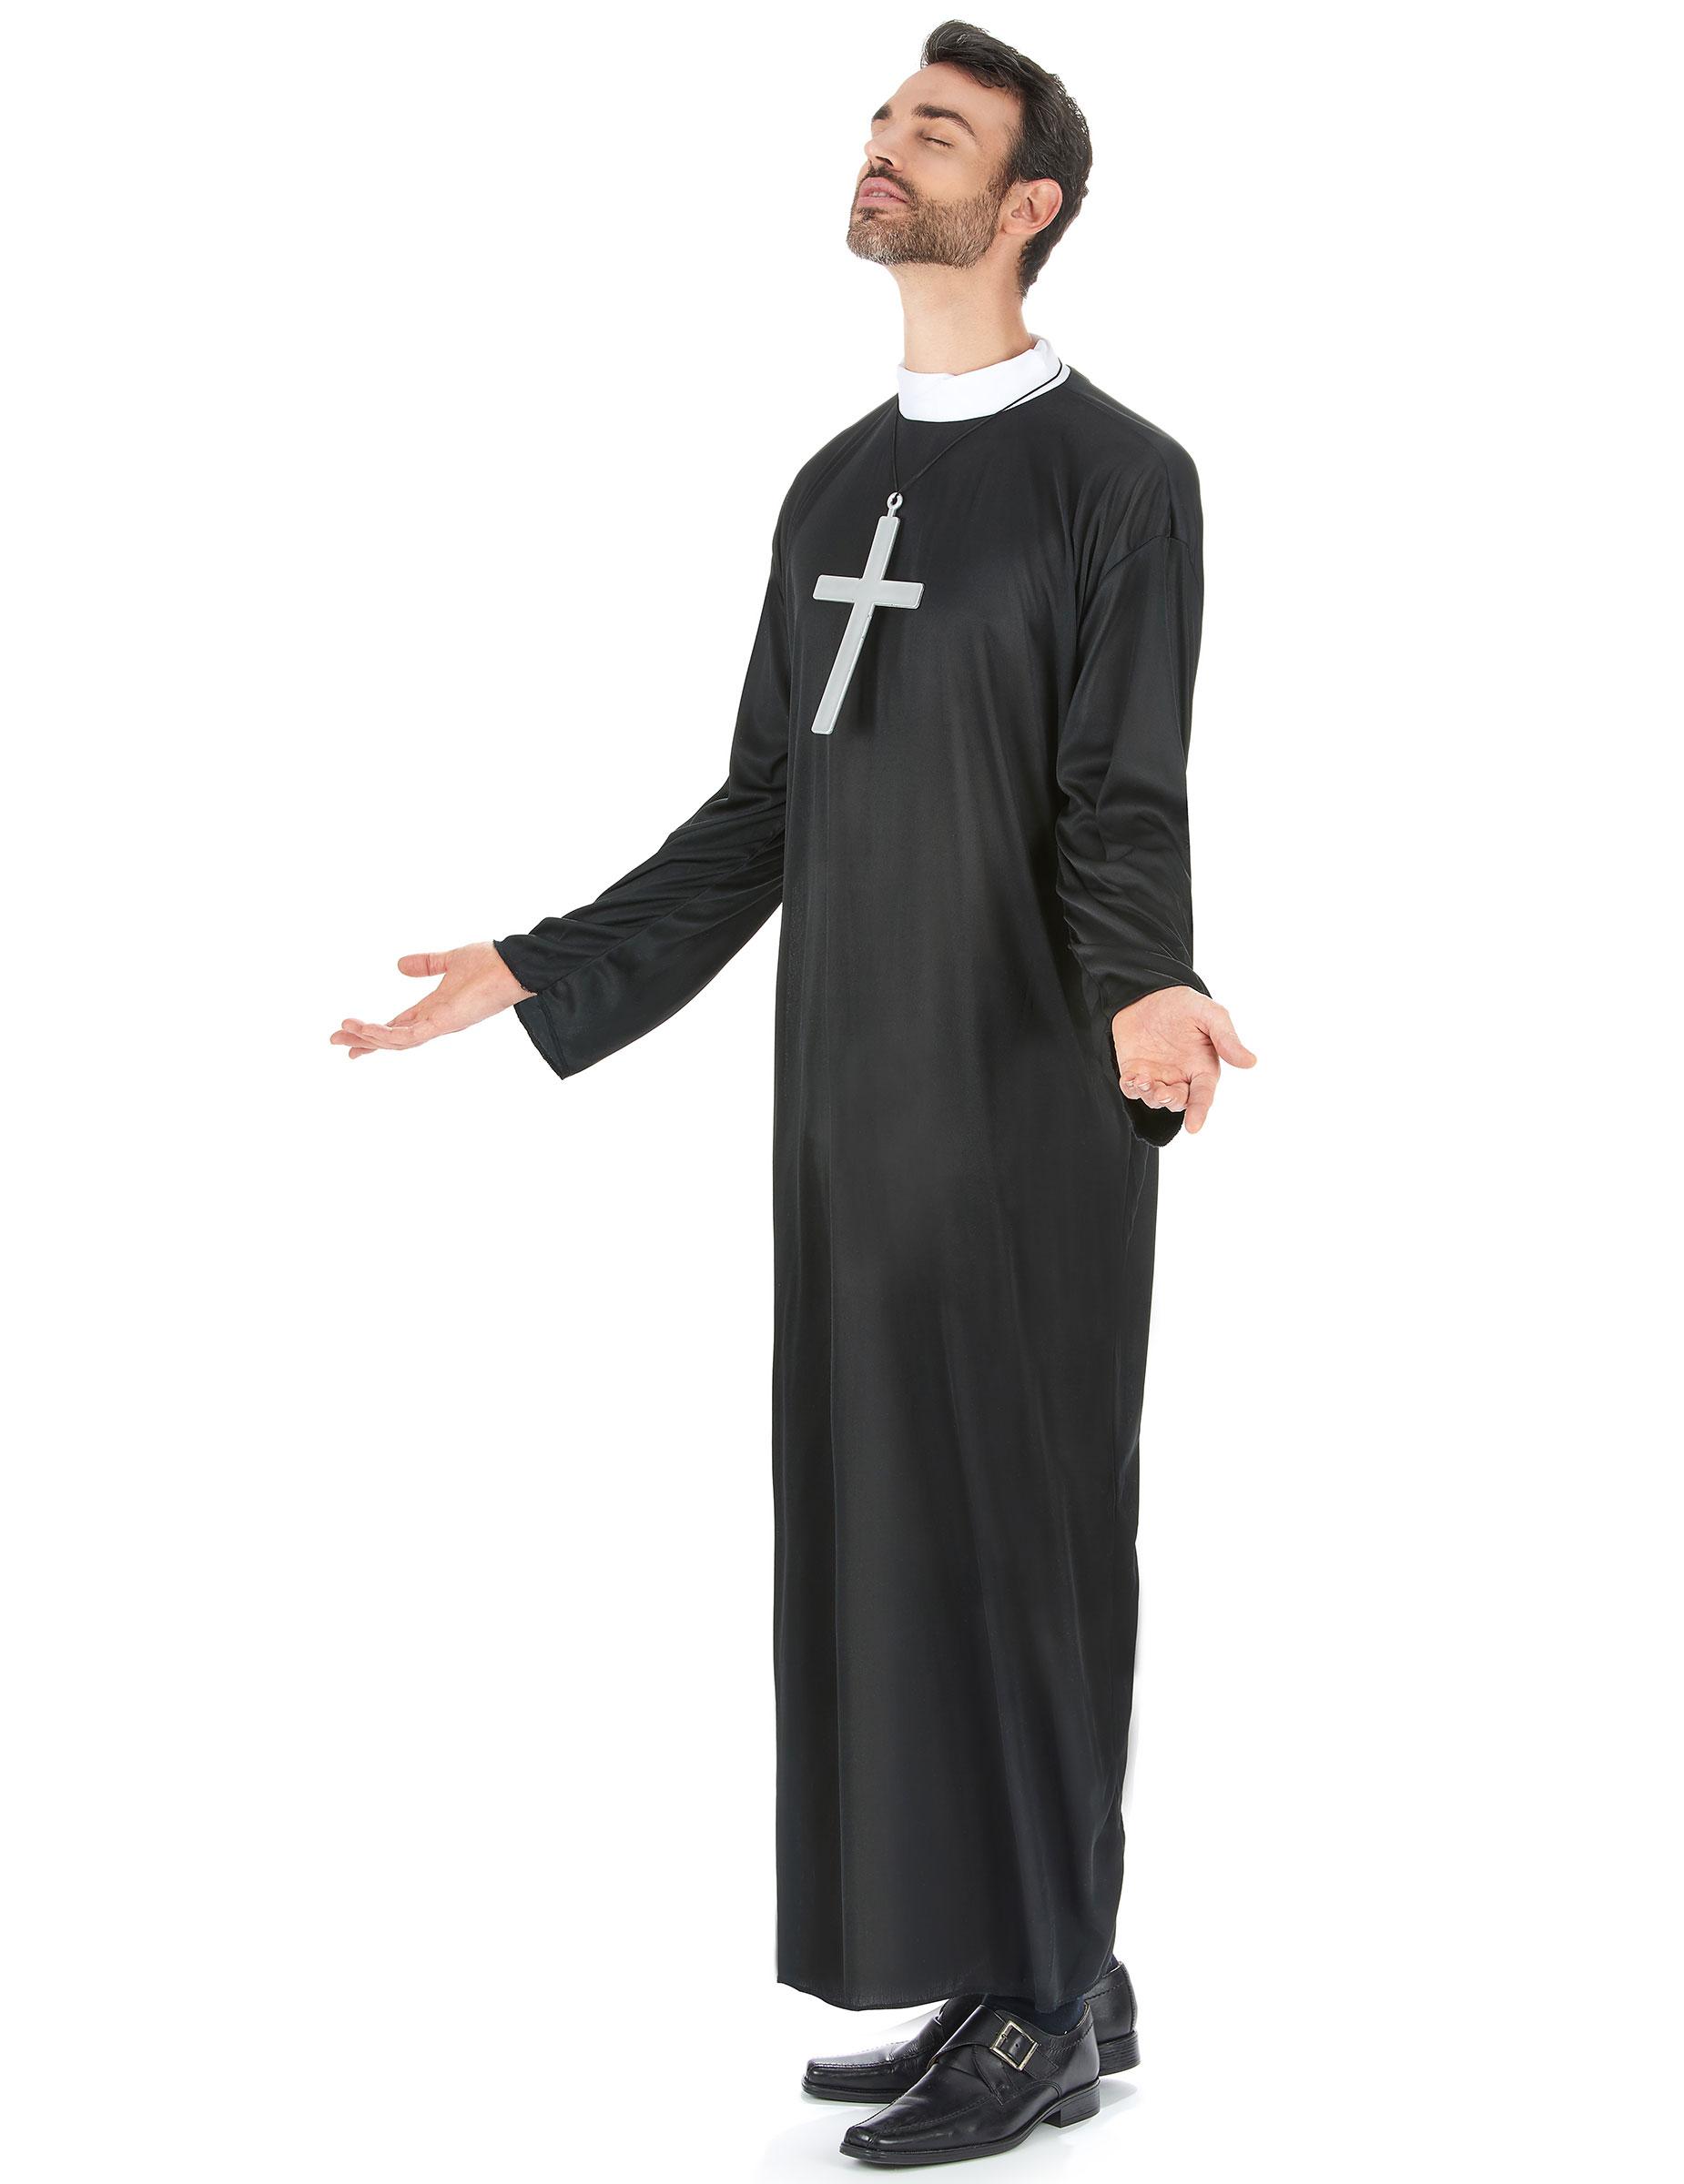 Costume da suora e sacerdote per coppia su VegaooParty 8d8c4bf0fa01